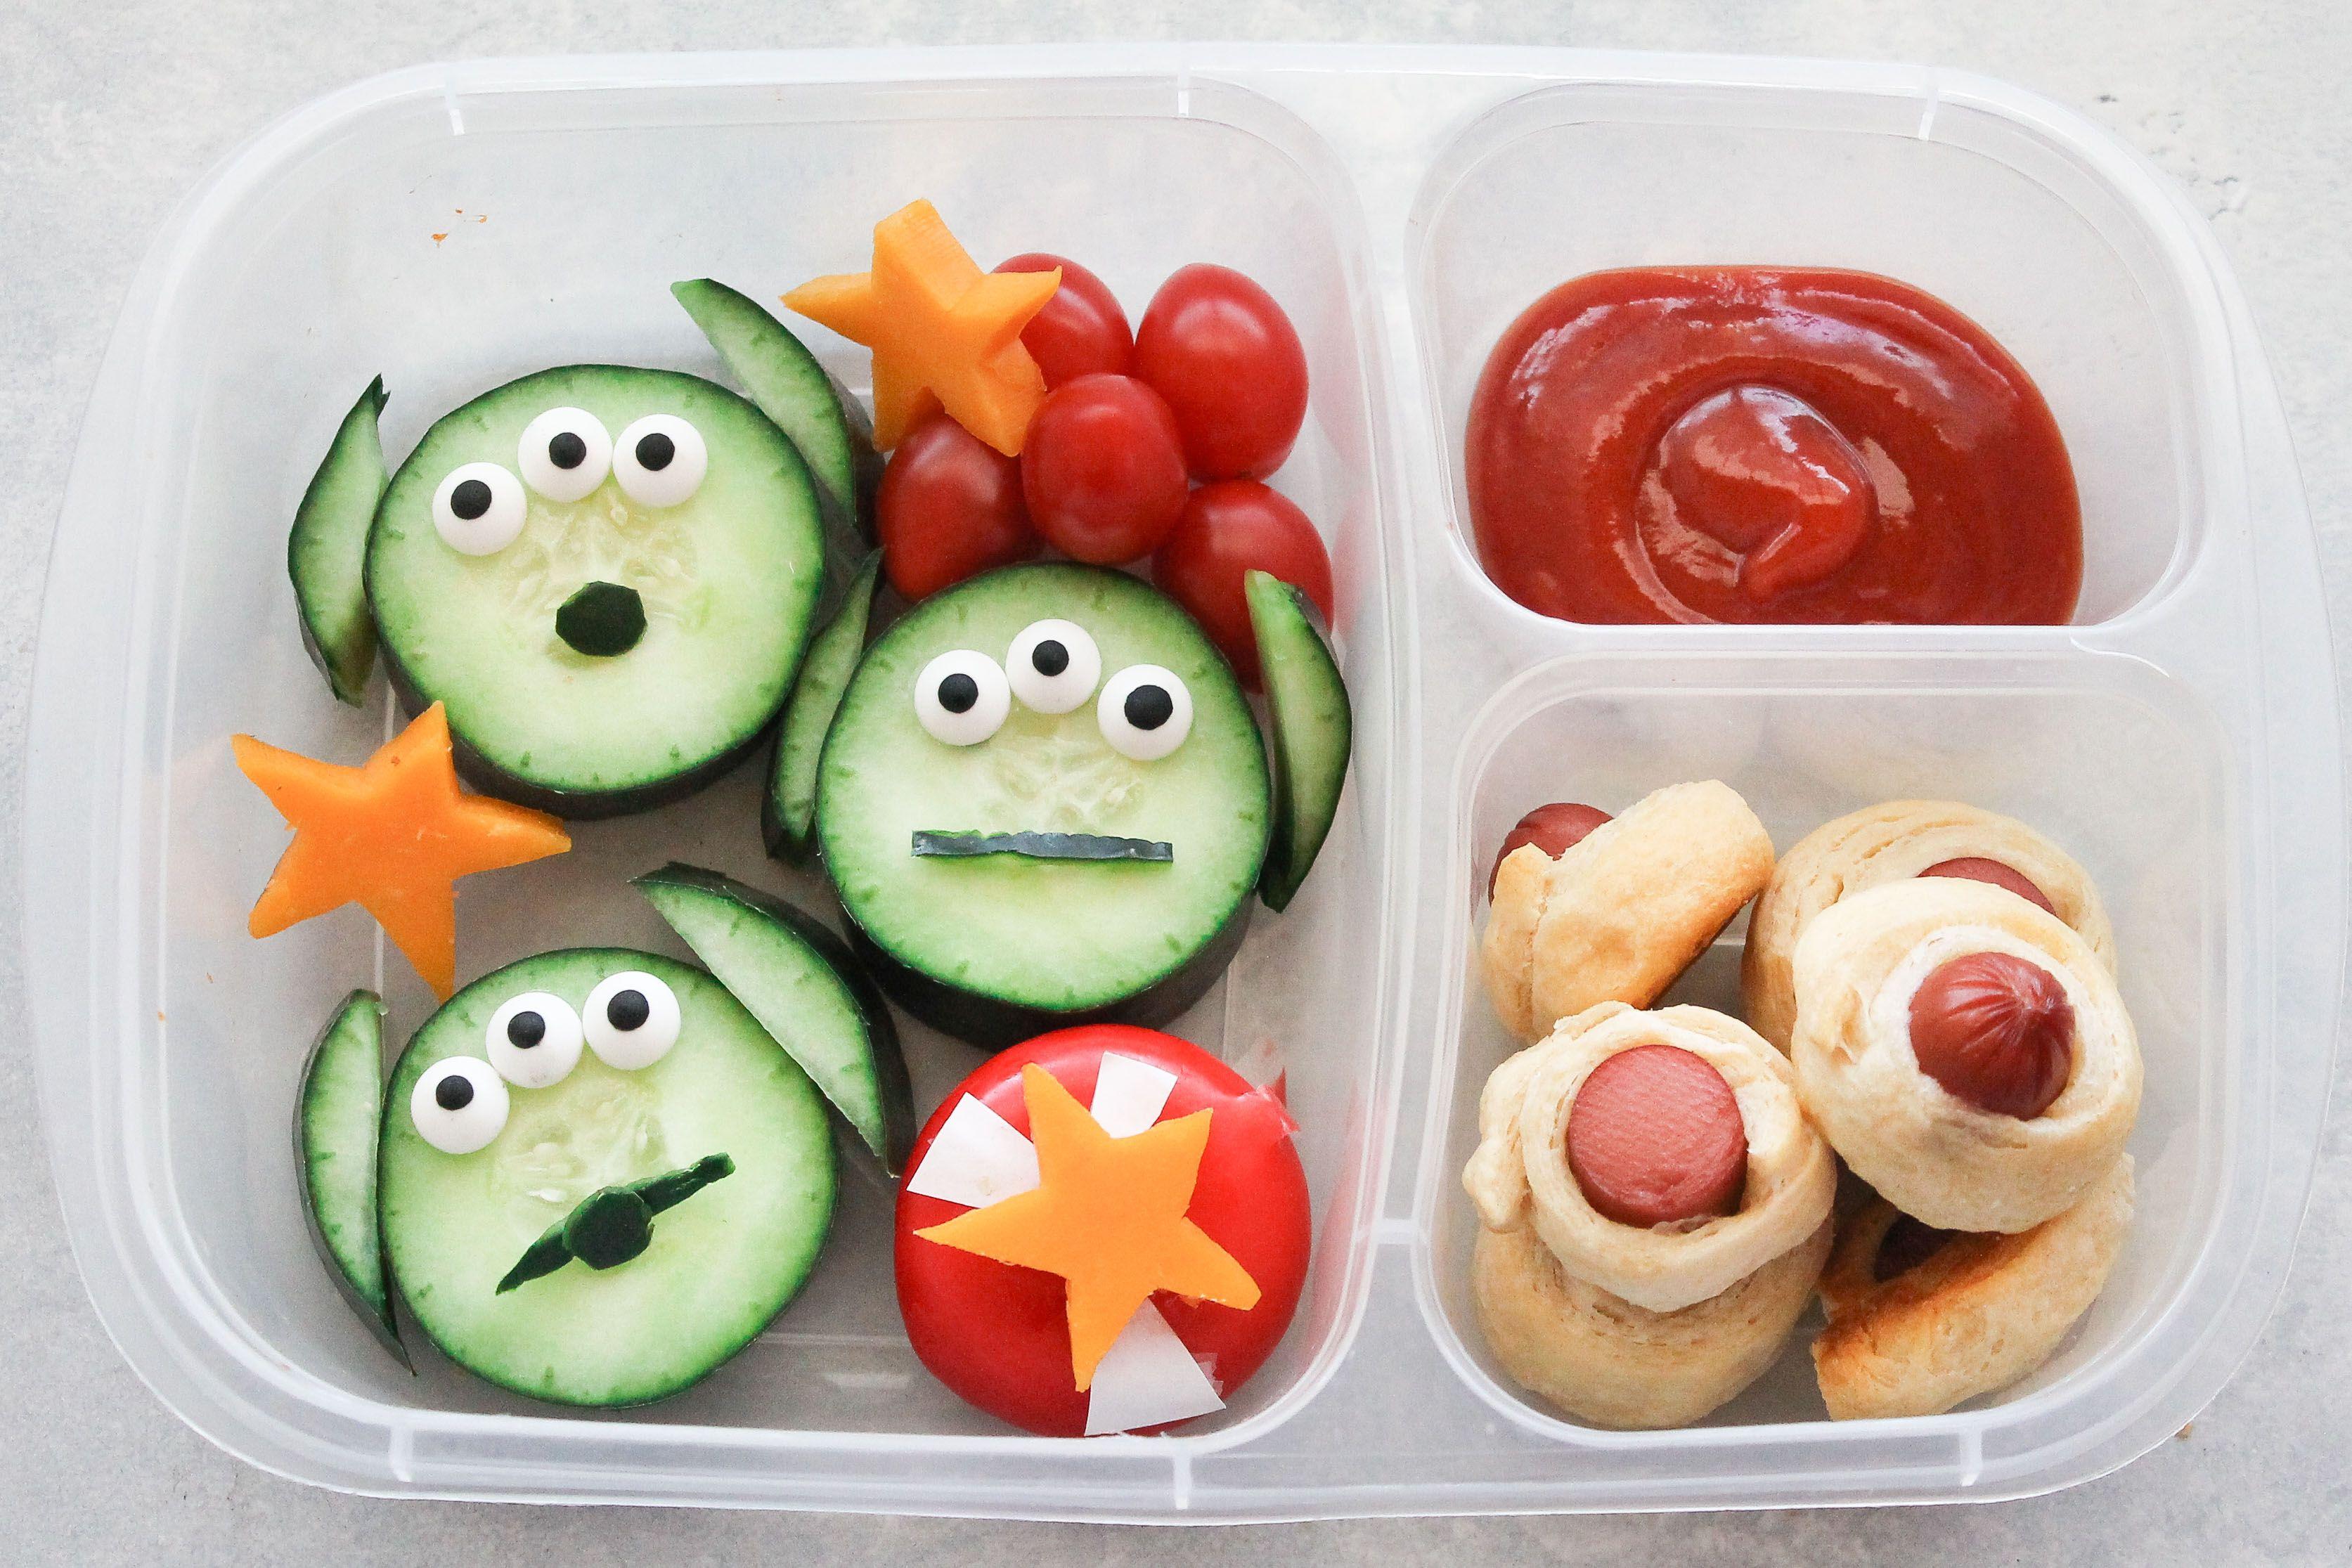 Resultado de imagem para lunchbox cute ideas